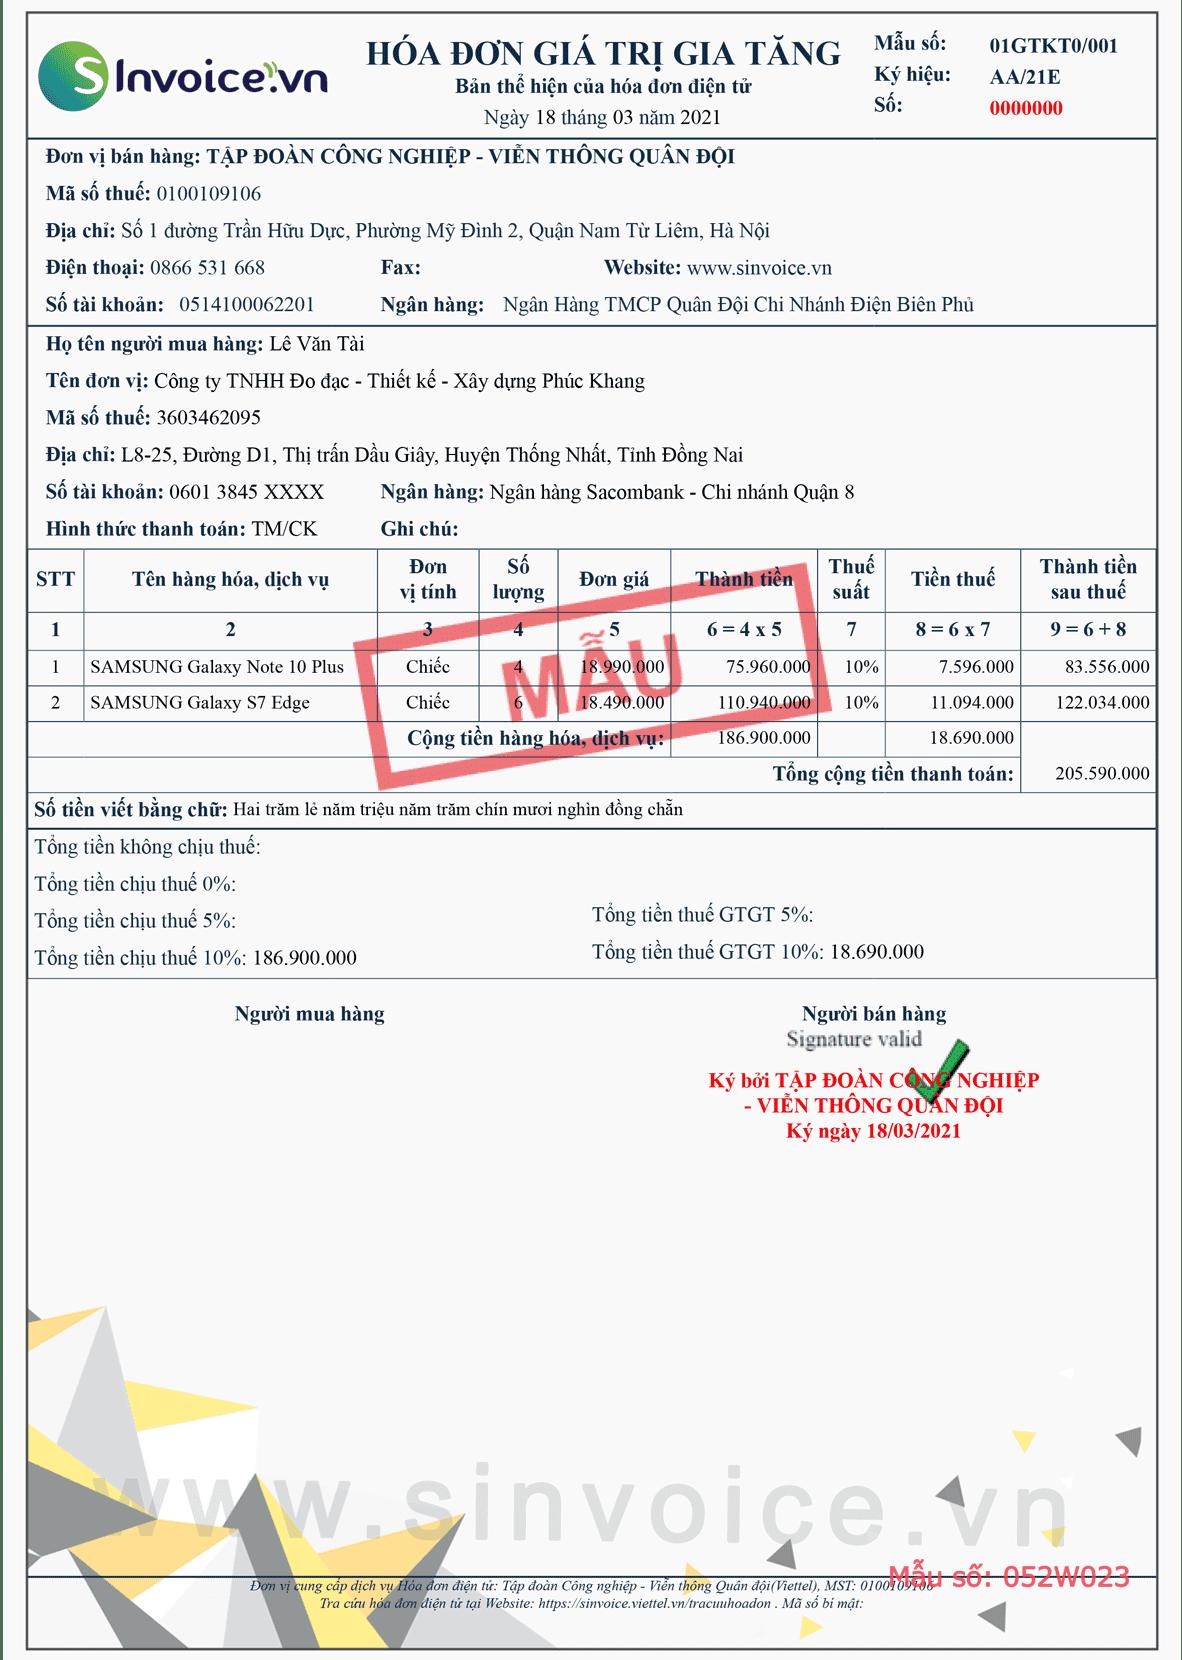 Mẫu hóa đơn điện tử số 052W023